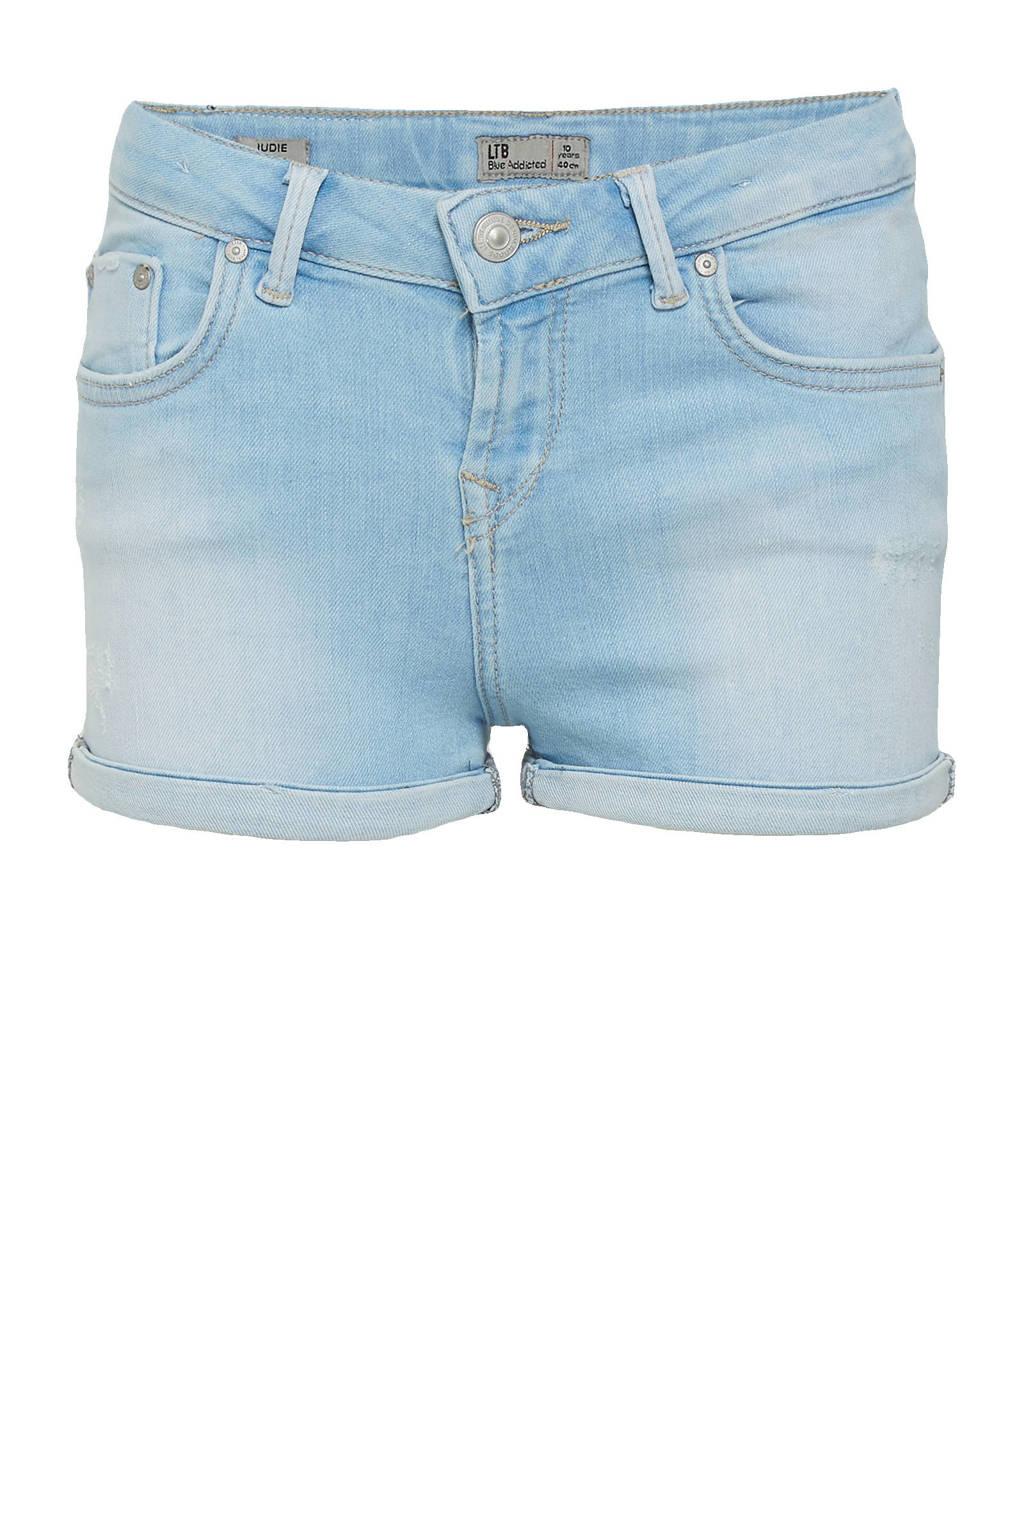 LTB slim fit jeans short Judie coralie wash, Coralie wash